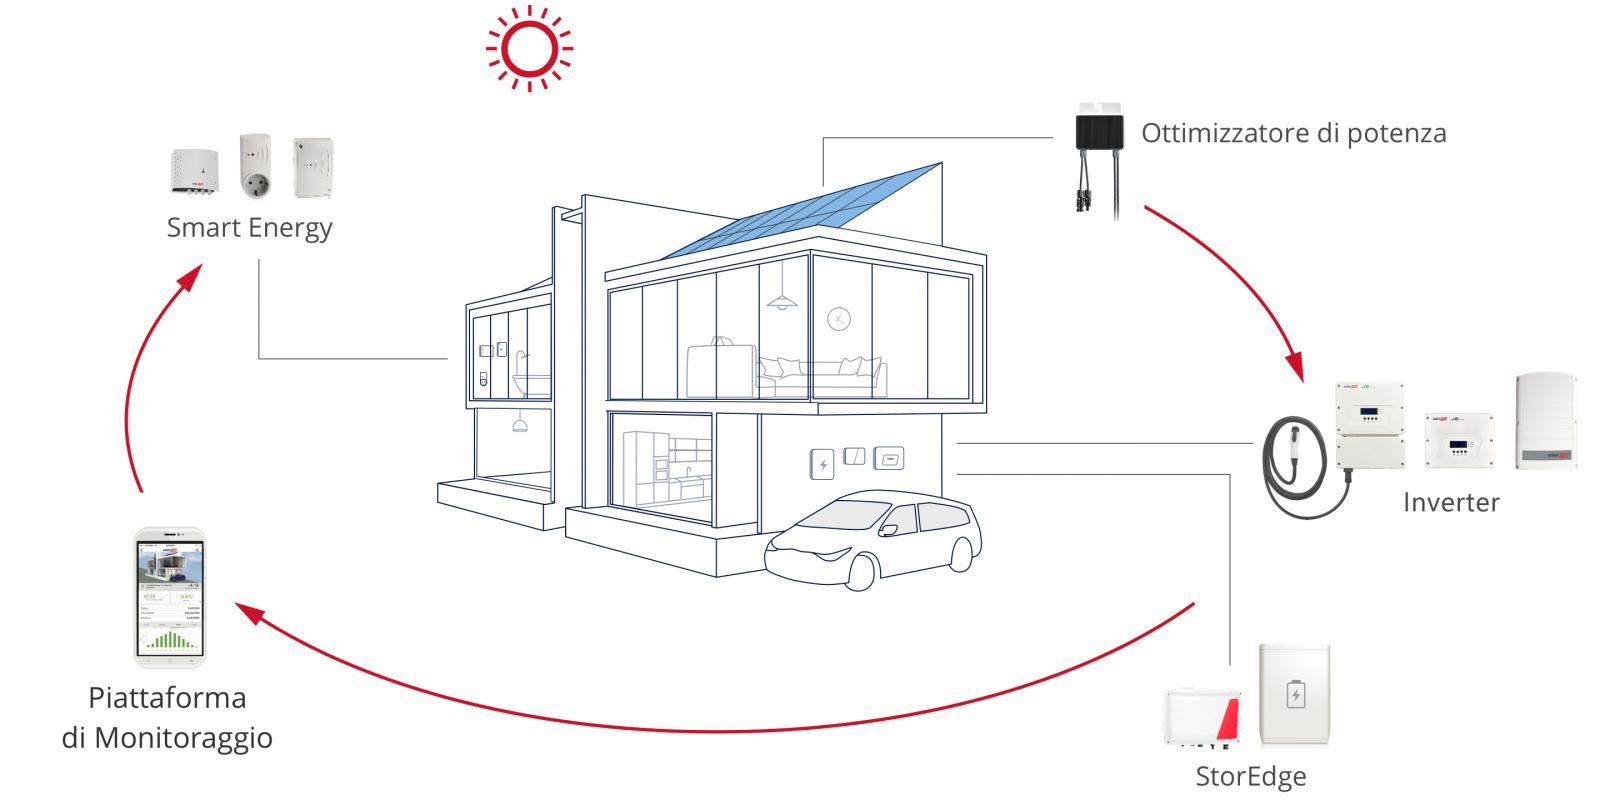 impianto fotovoltaico accumulo ottimizzatori di potenza monitoraggio vantaggi